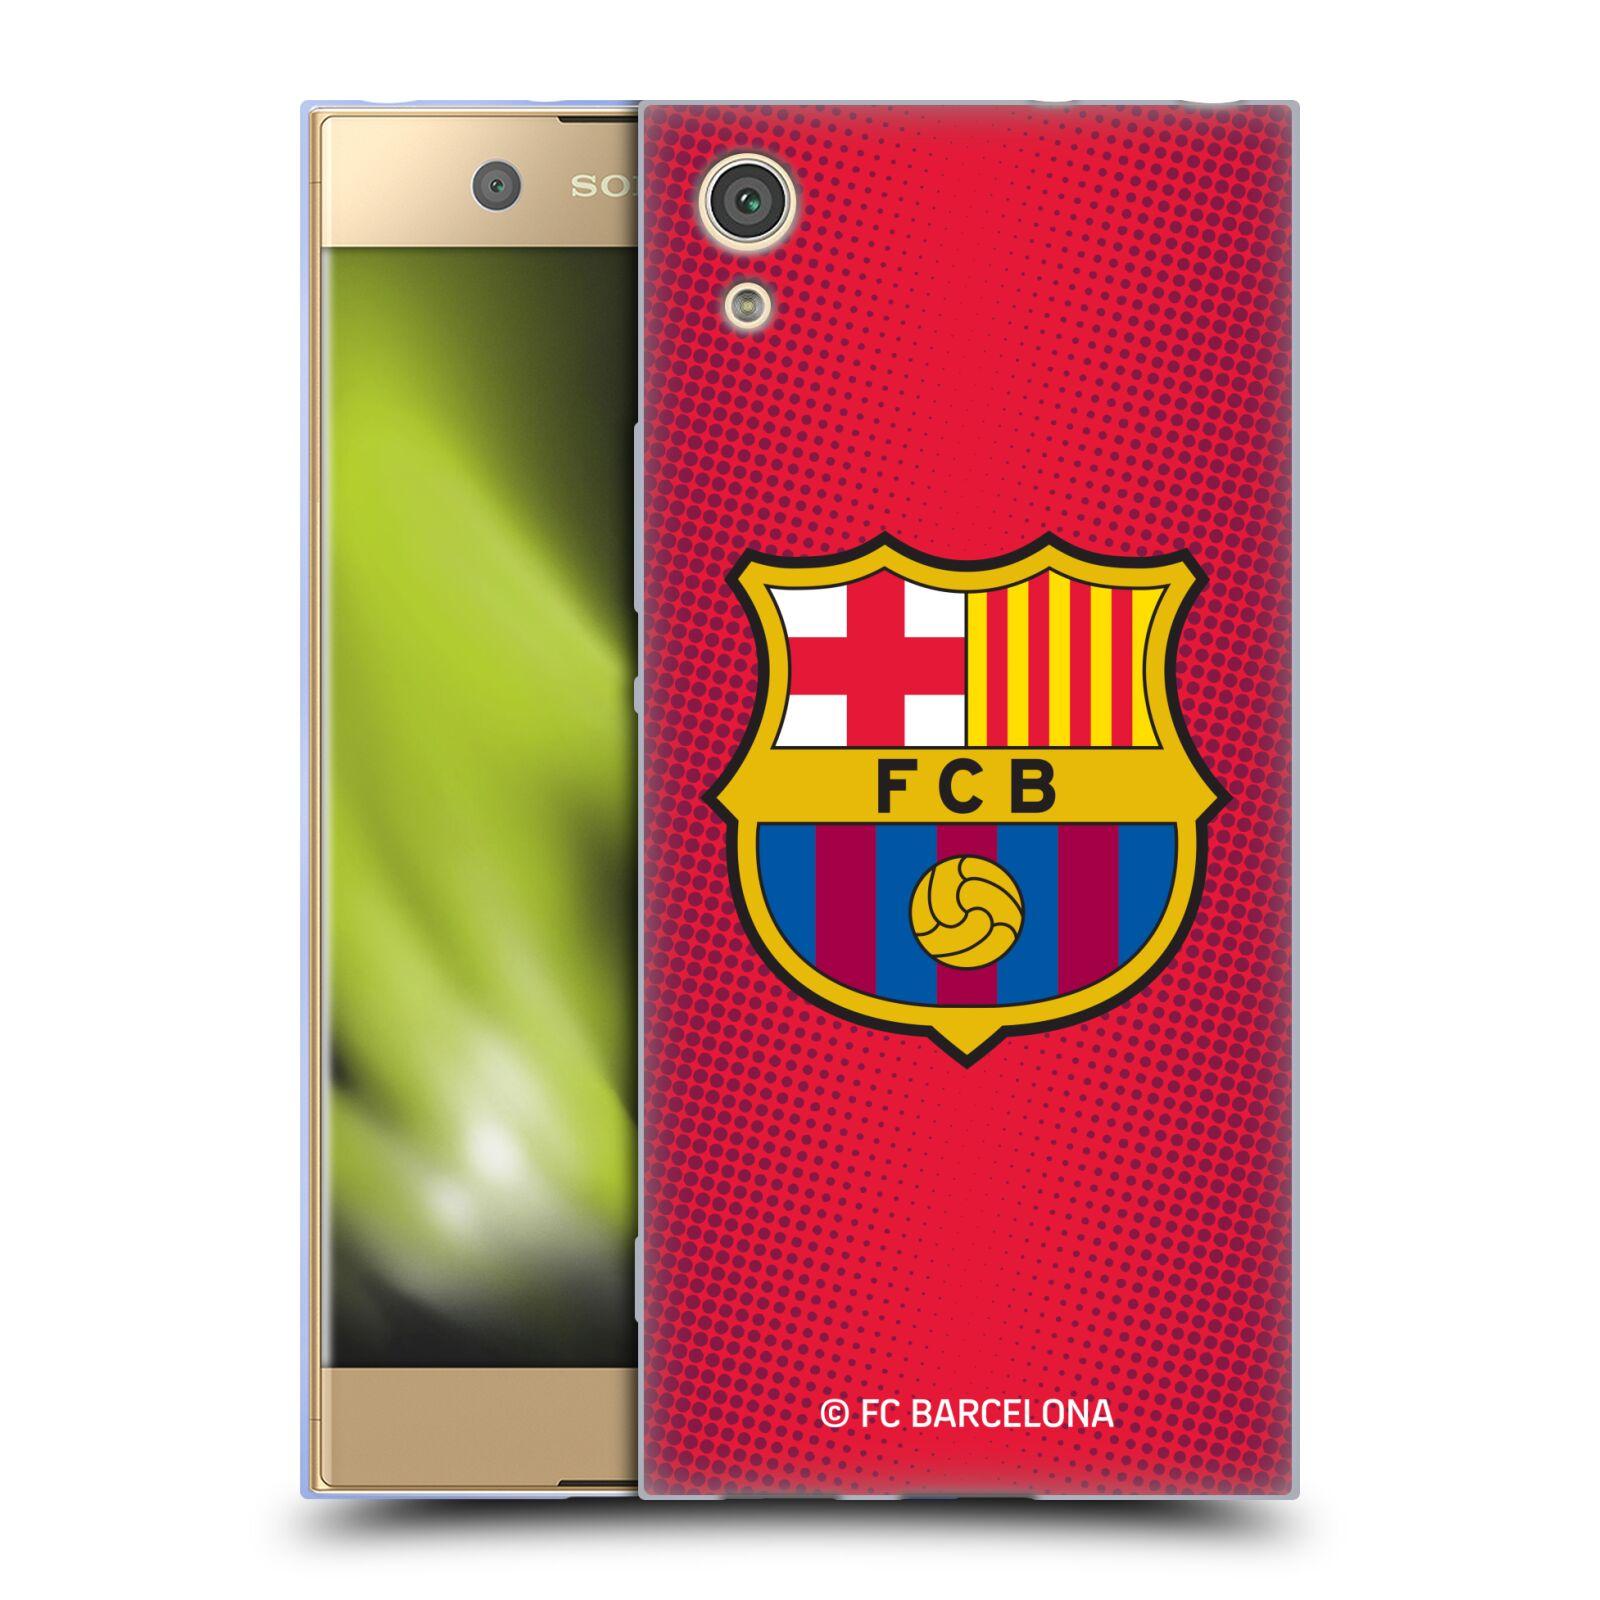 Oficial-FC-Barcelona-2017-18-Crest-Gel-Suave-Estuche-Para-Sony-Telefonos-1